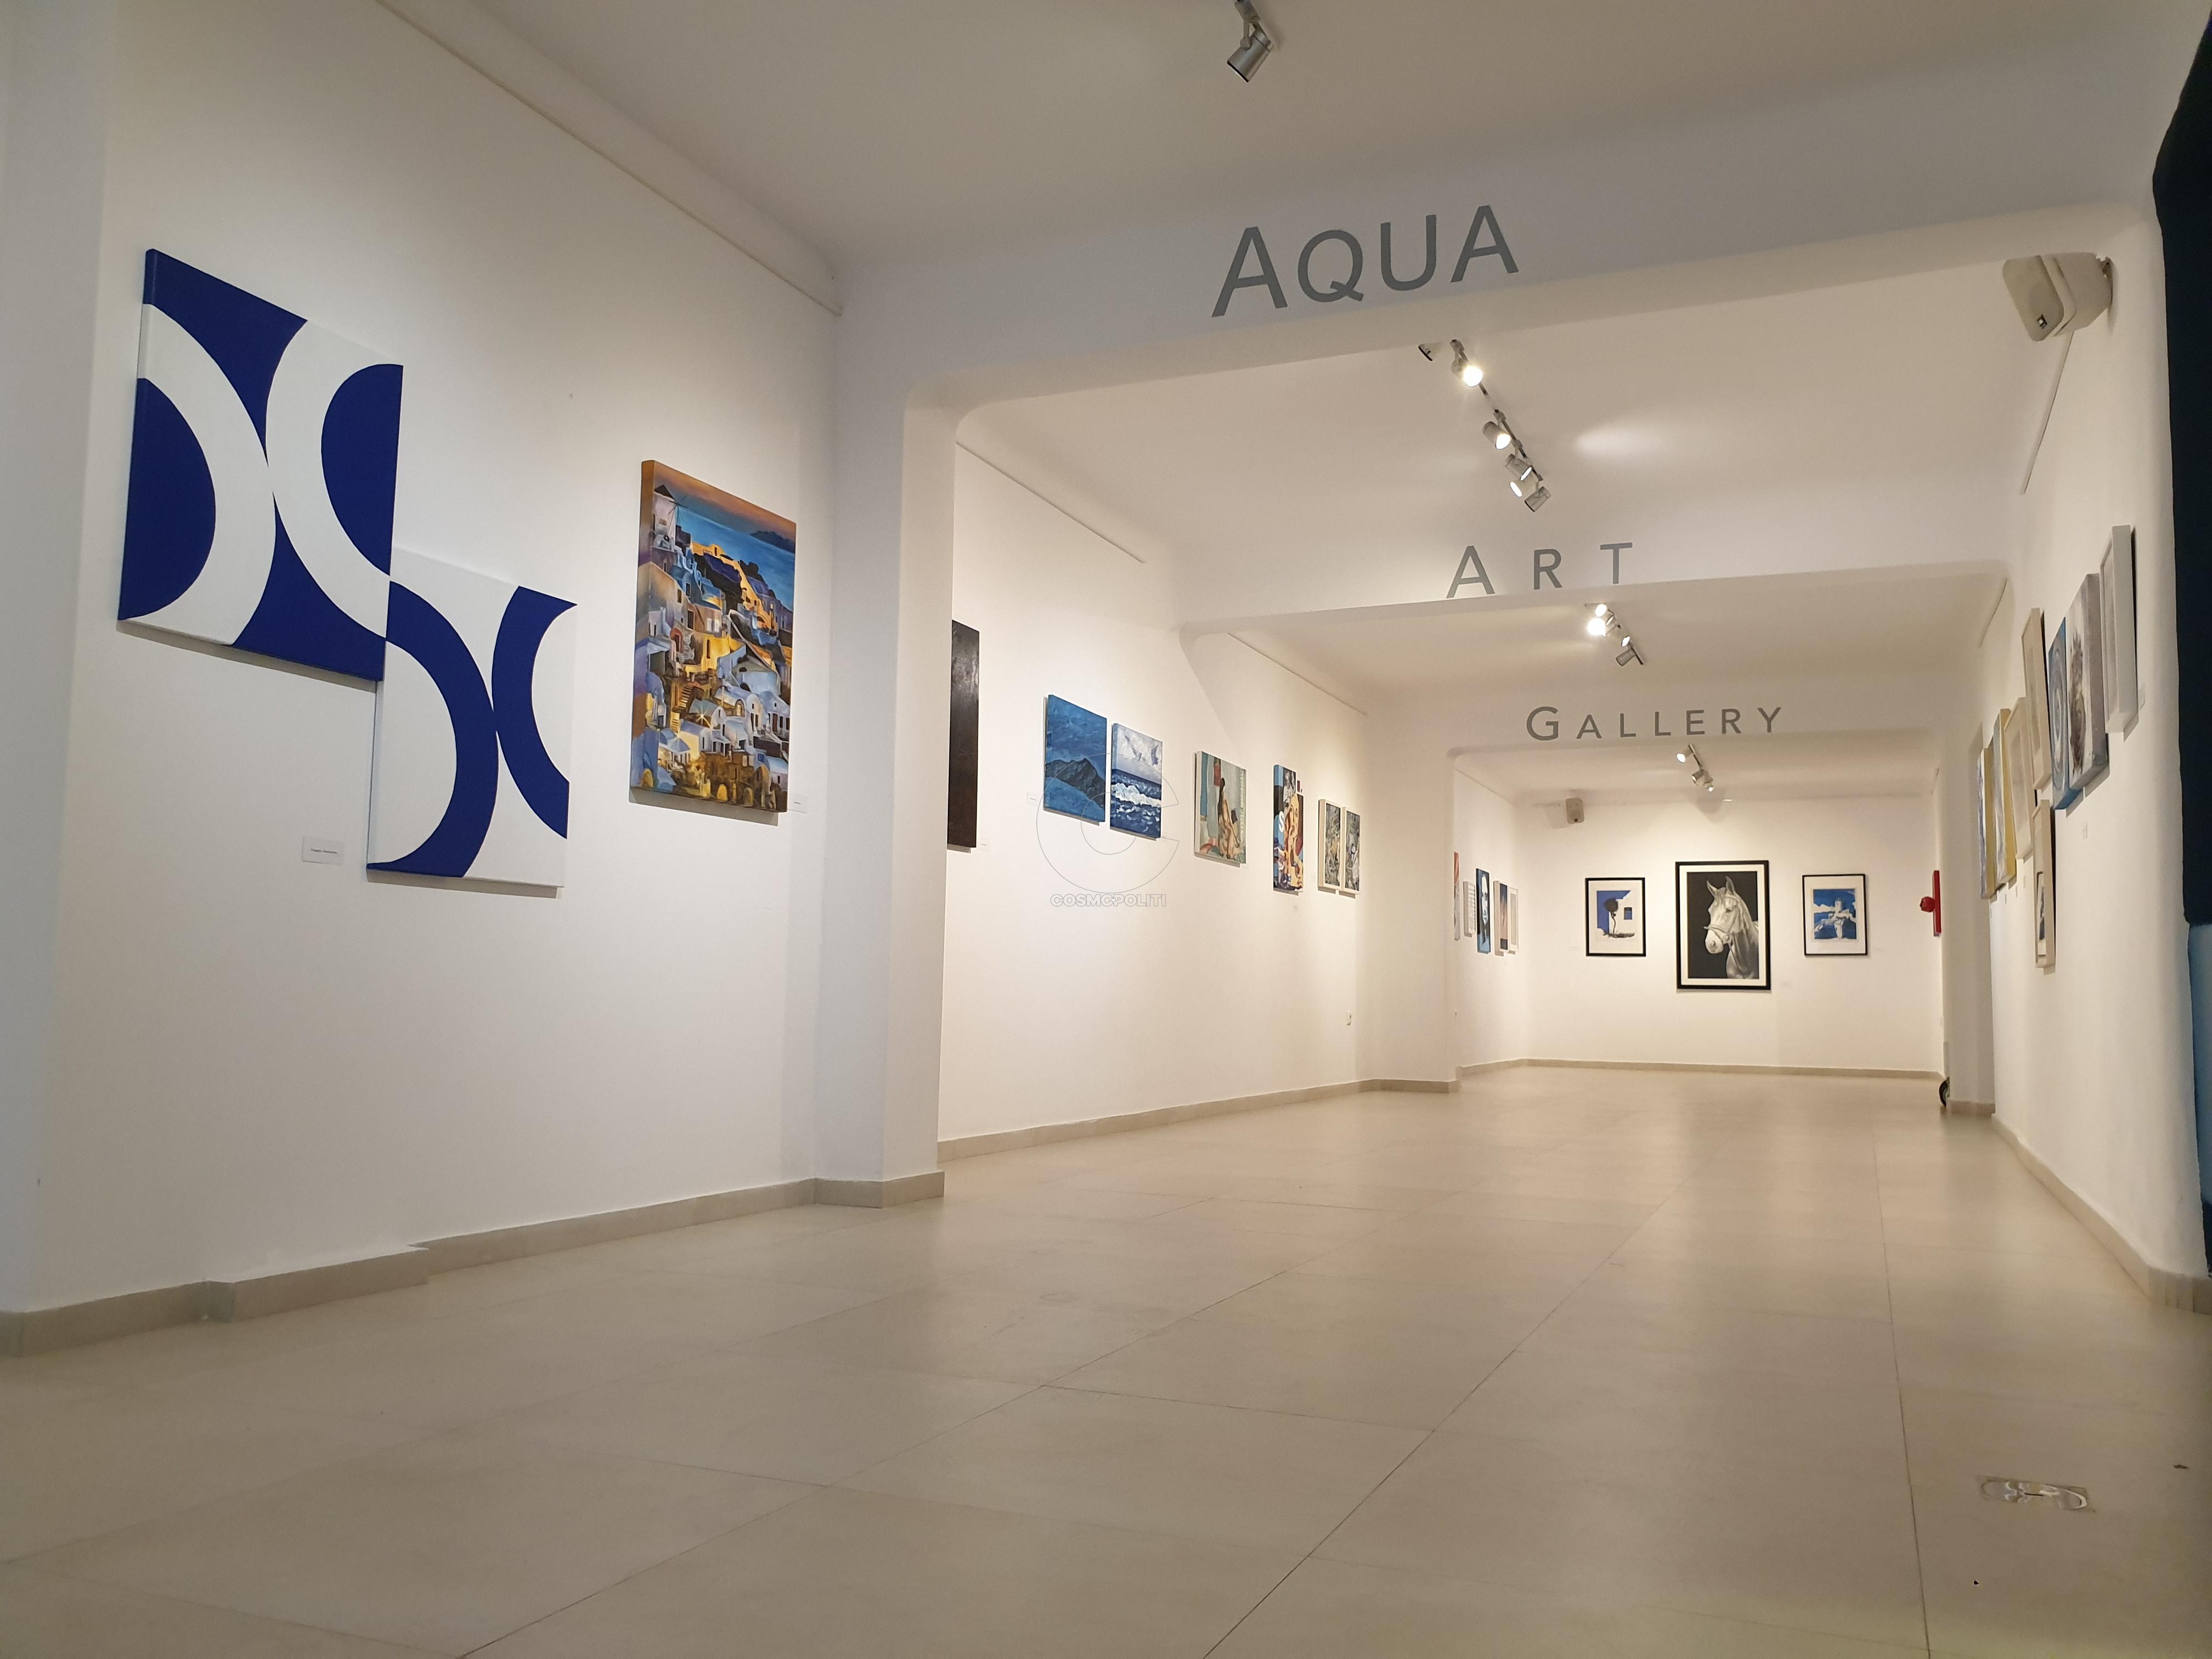 τελευταία ομαδική εικαστική έκθεση στην Aqua Gallery του ξενοδοχείου Art Hotel_ Σαντορίνη